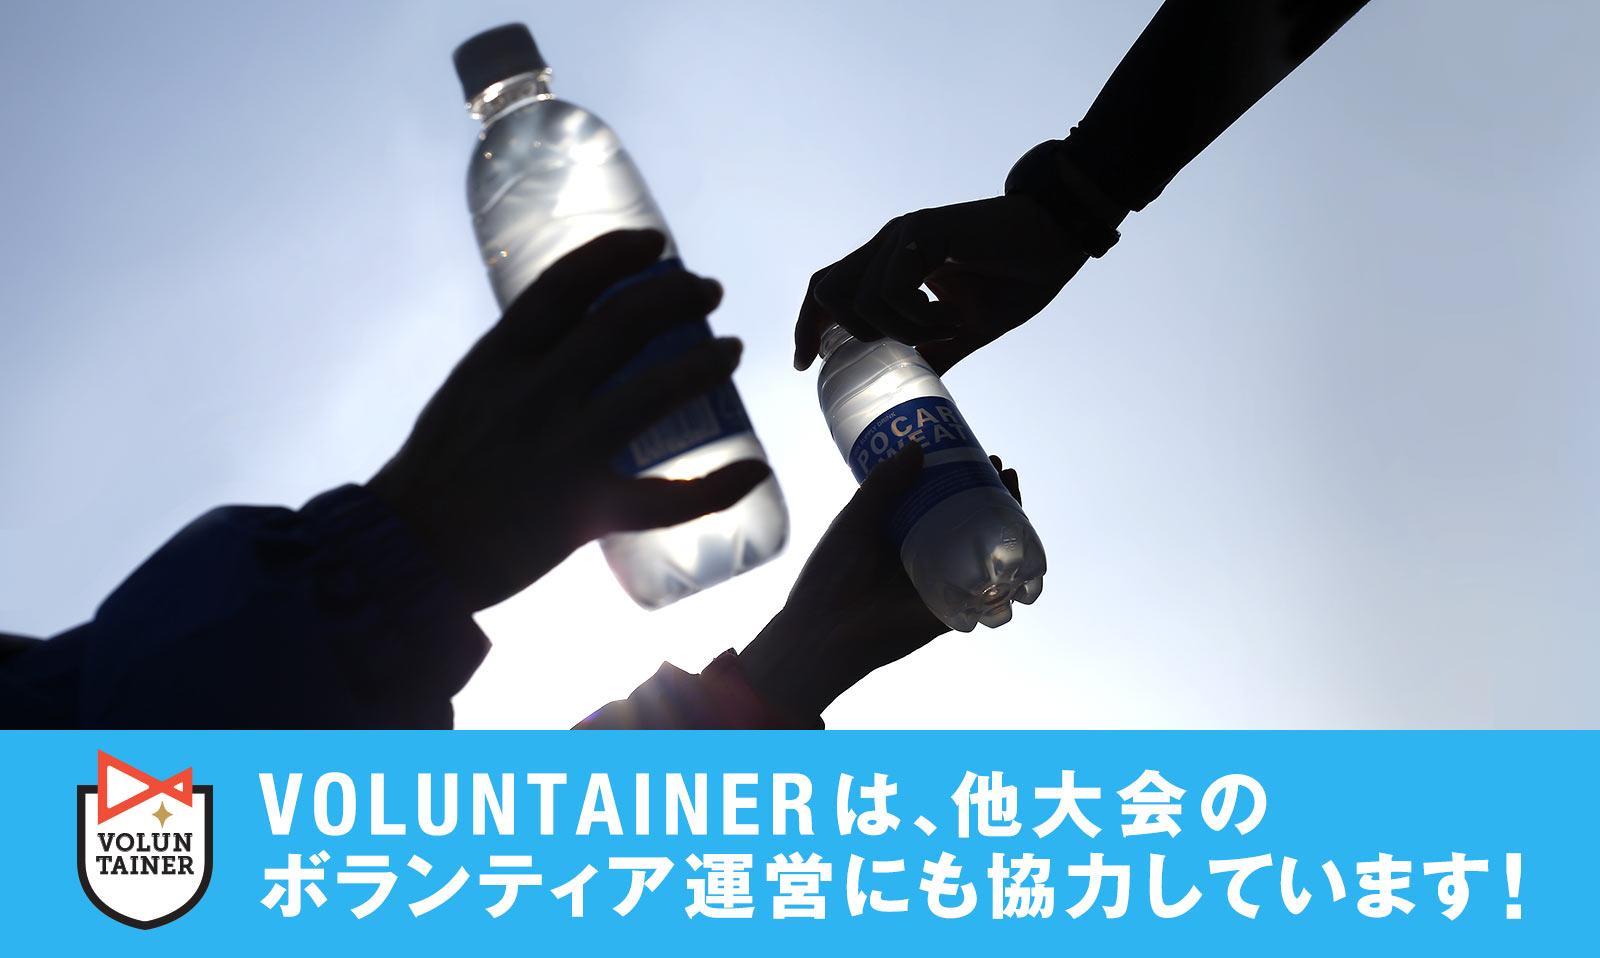 ボランティア運営協力